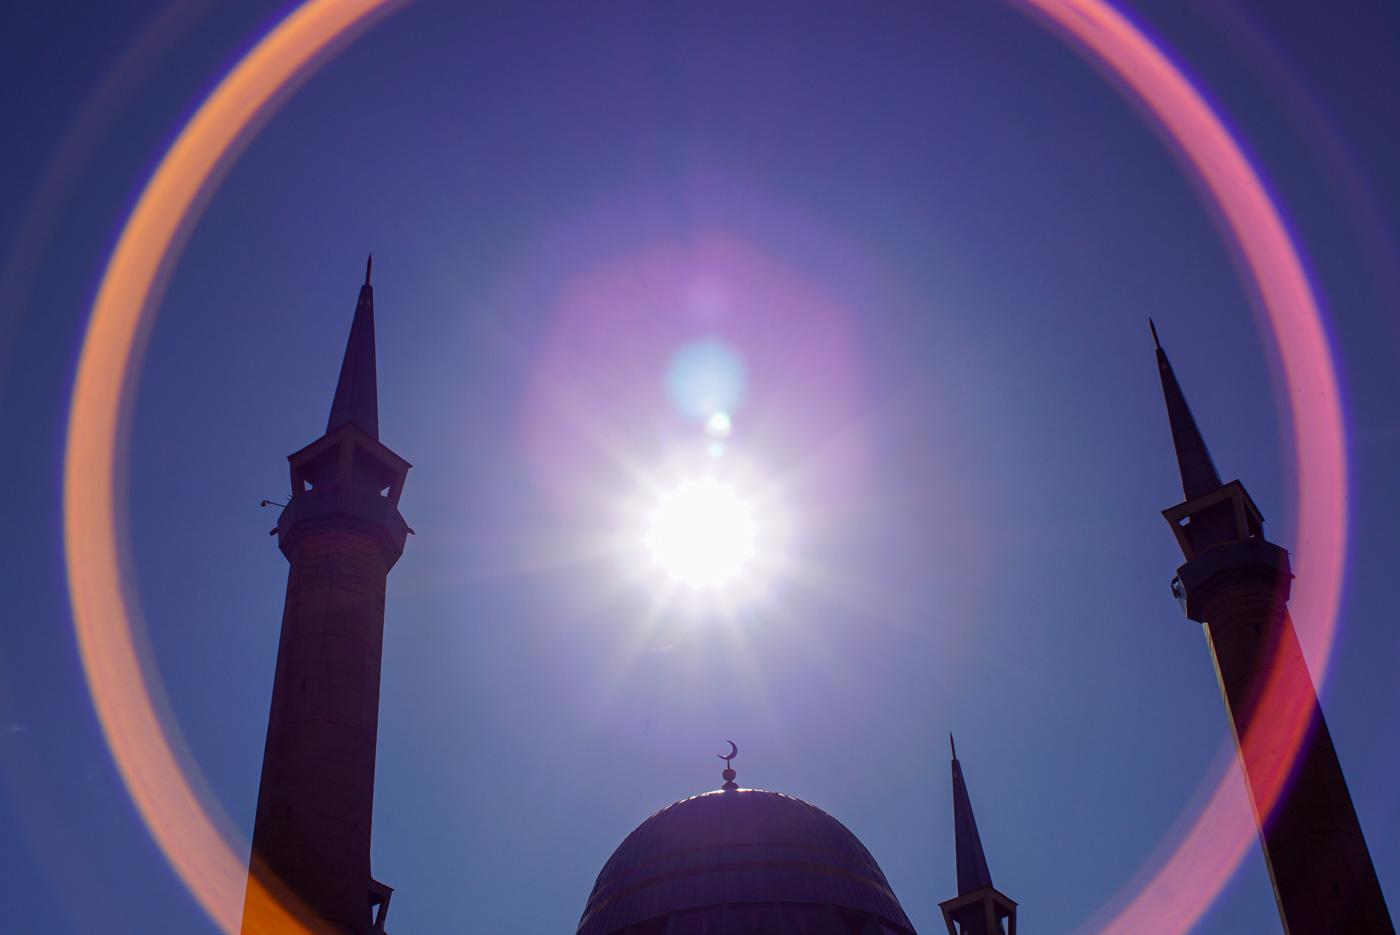 zu sehen sind die vier Minarette und die Kuppel der neuen Moschee in Pawlodar genau im Zentrum darüber erstrahlt die Sonne.